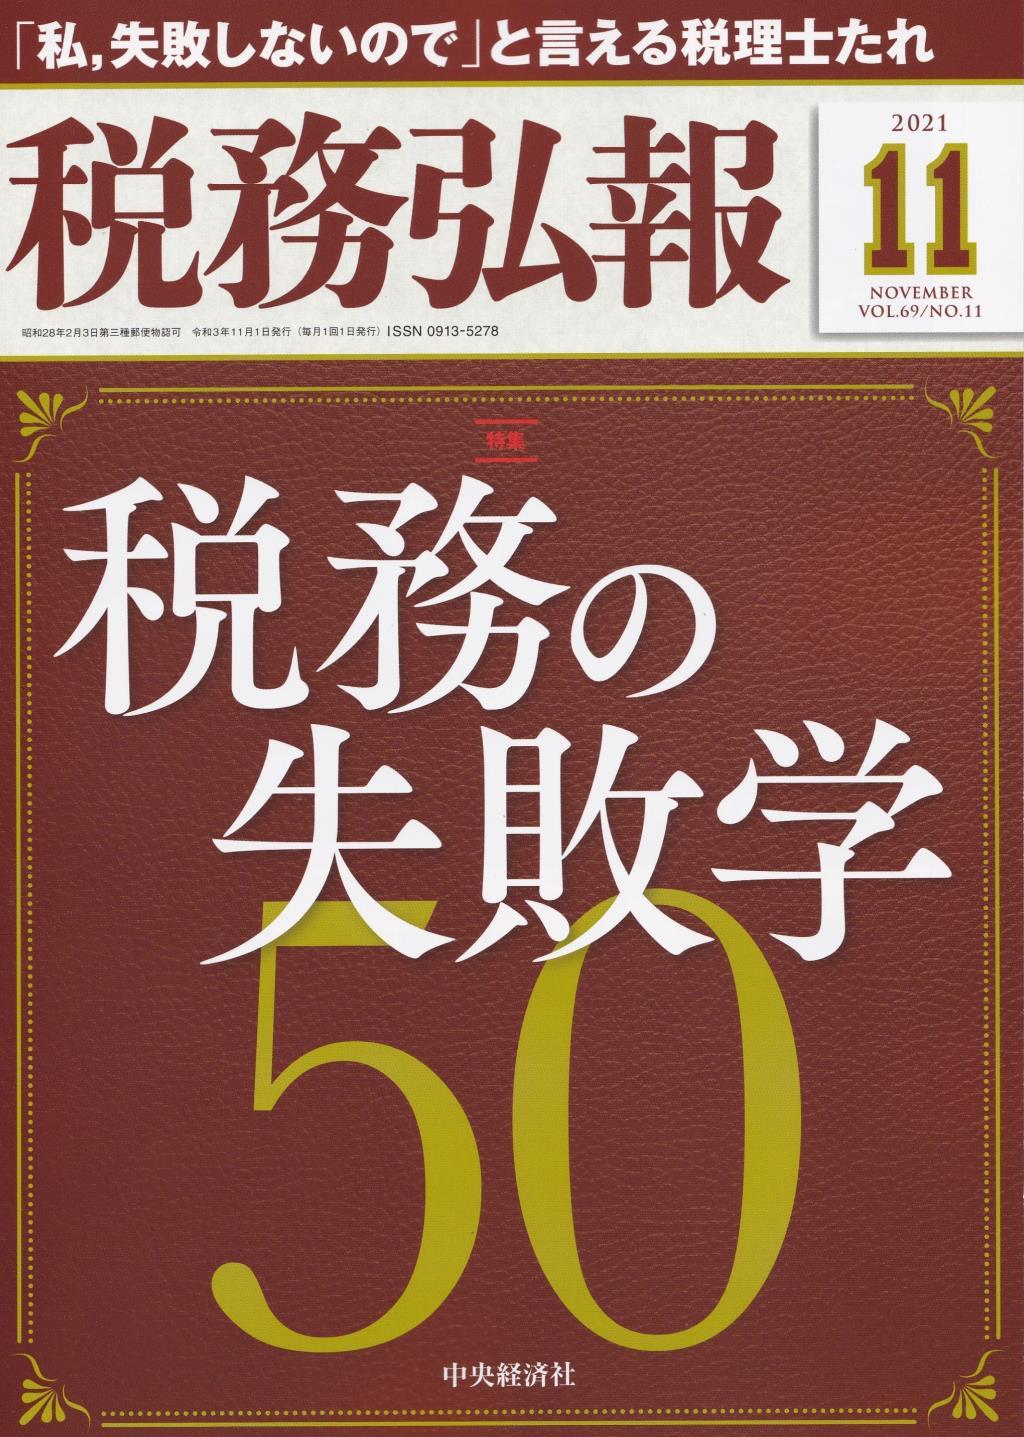 税務弘報 VOL.69/No.11/2021.11